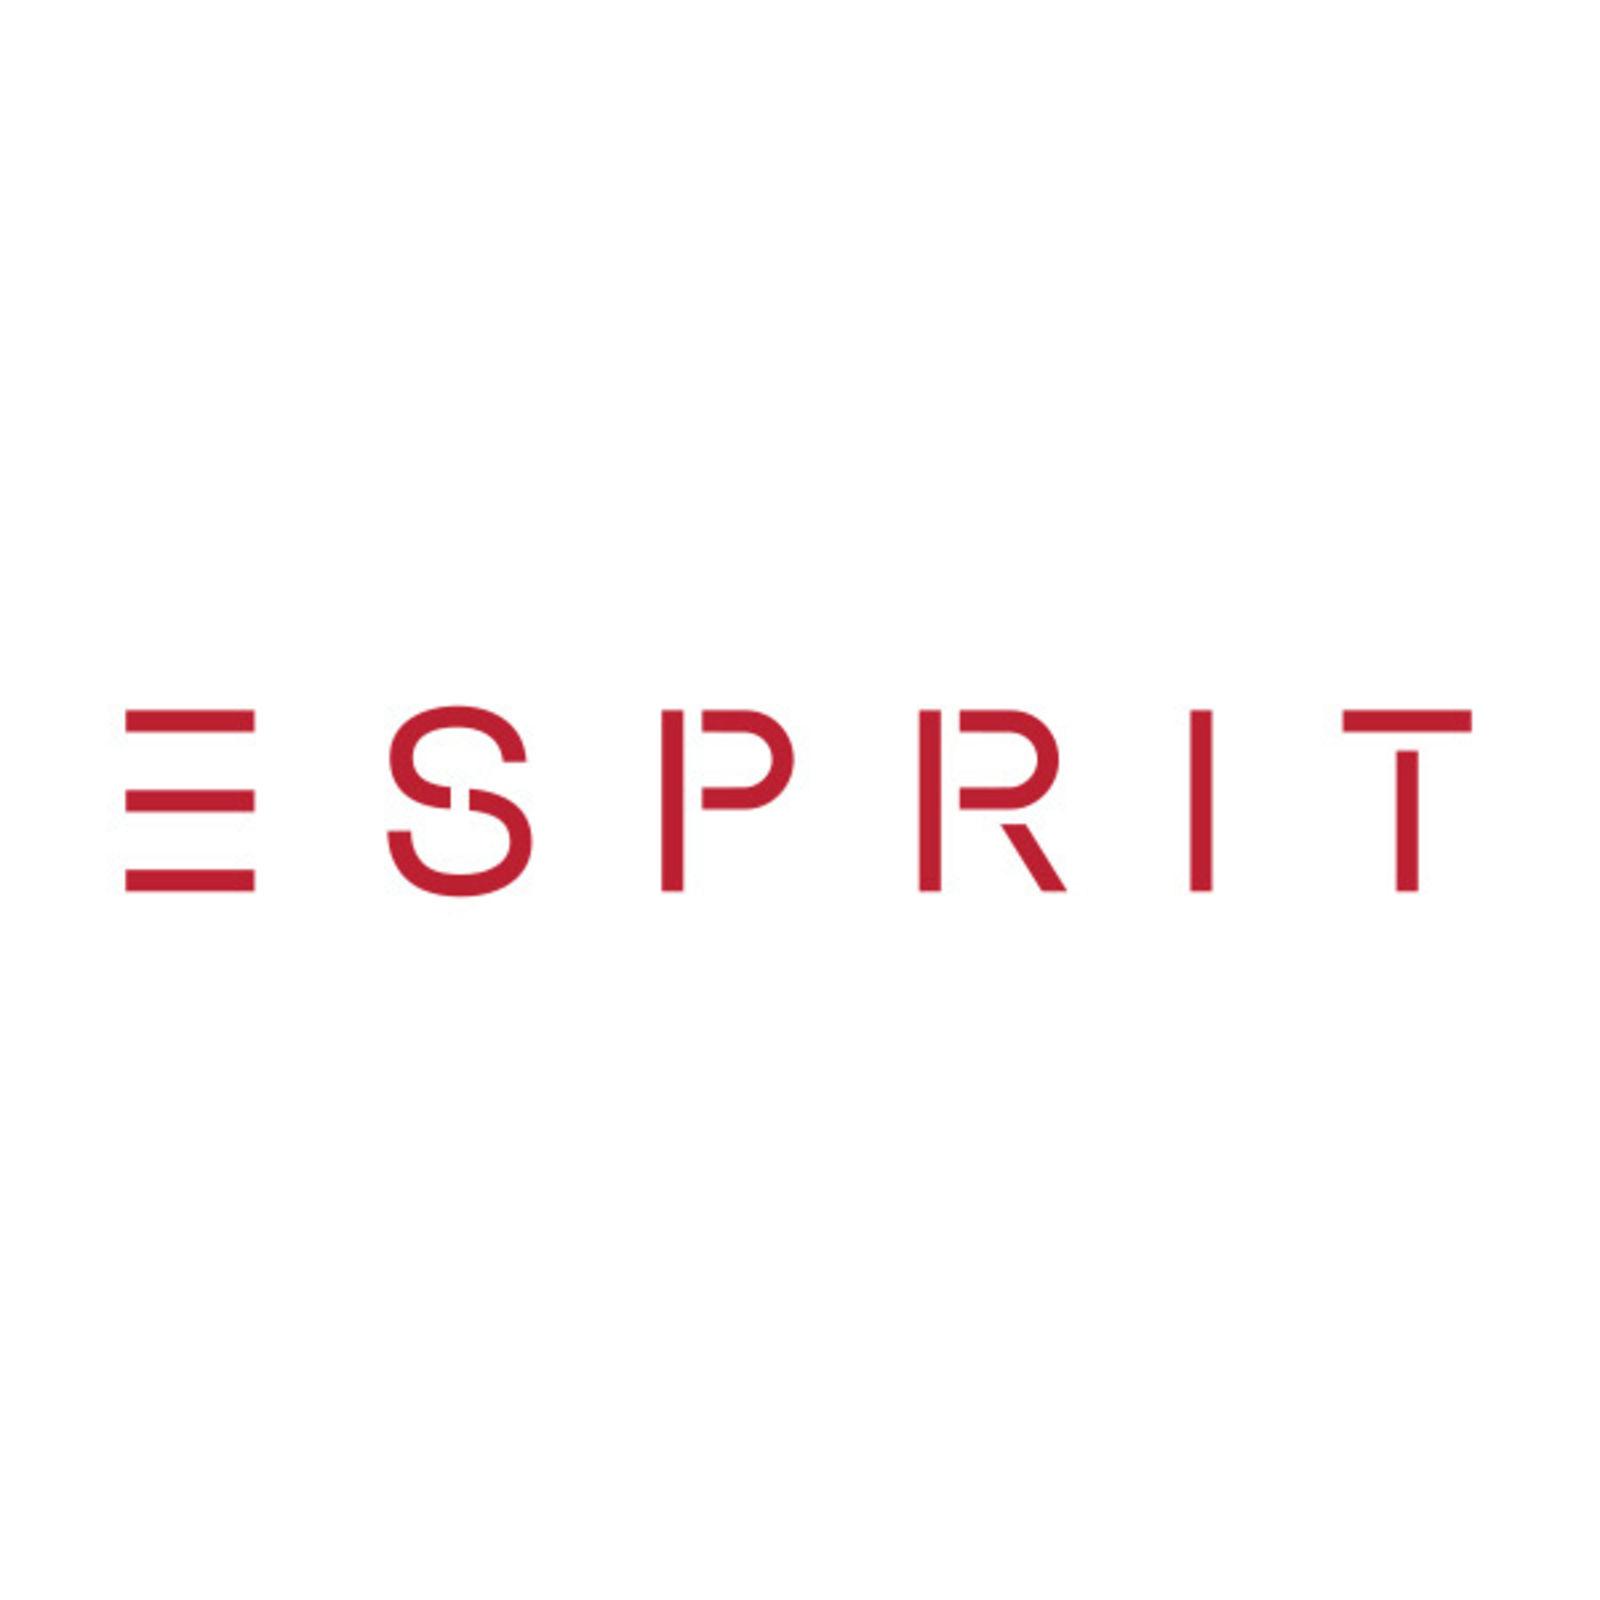 ESPRIT Eyewear (Bild 1)